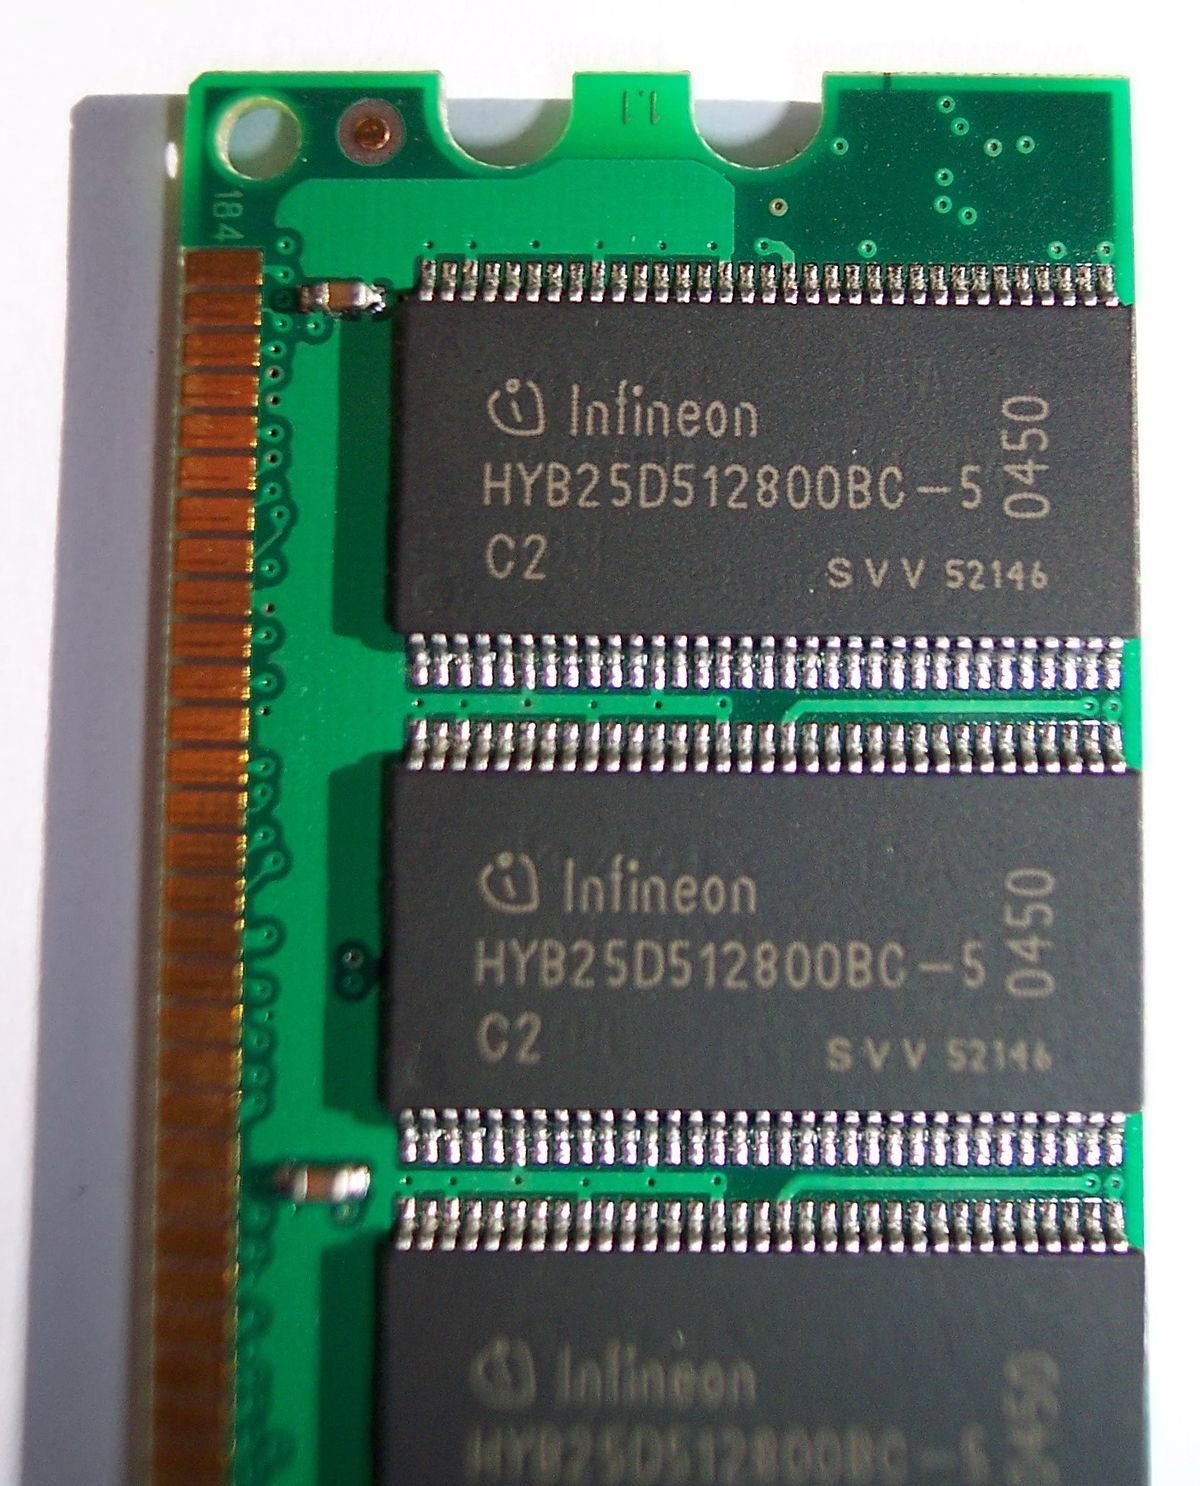 memory unit - wikiversity